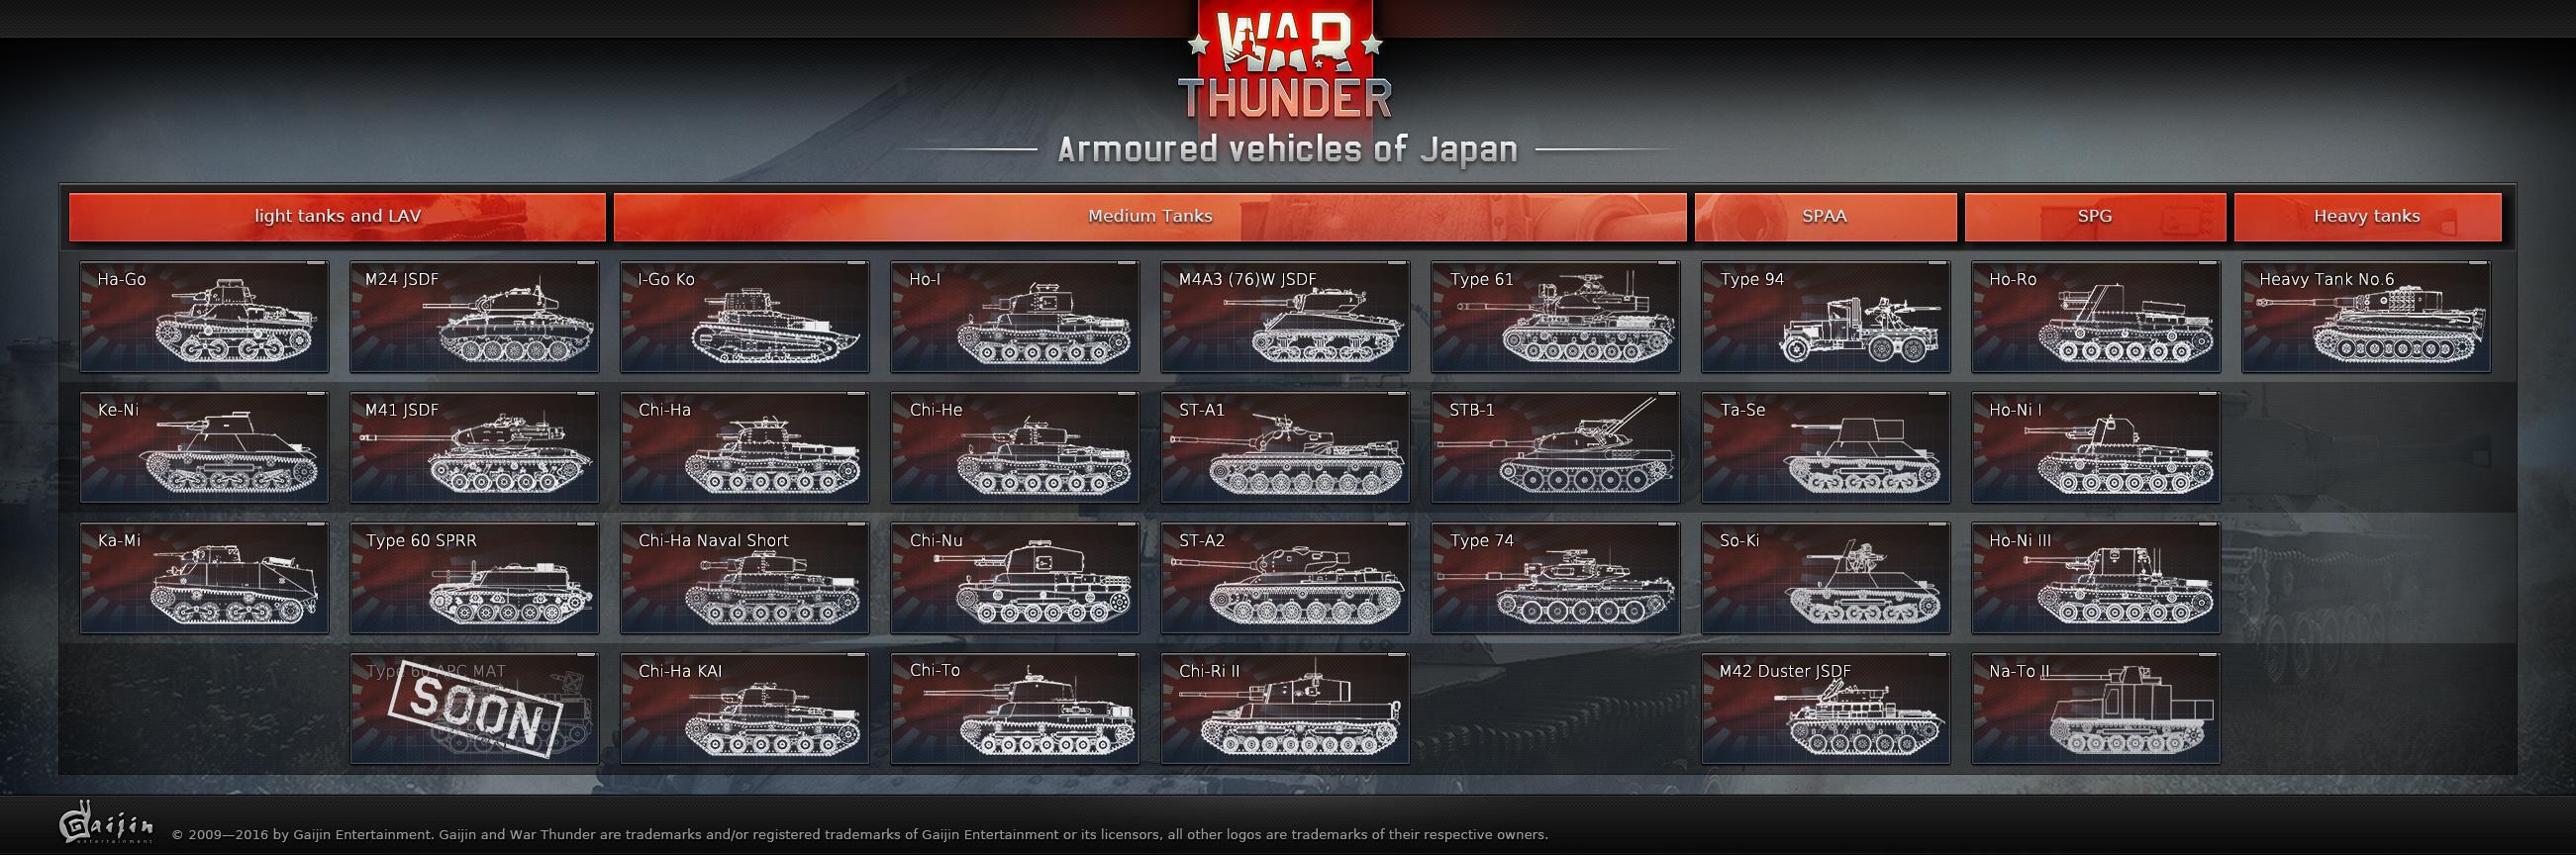 jp_tanks_tree_eng_1ec98e735f7cc3731eac3b